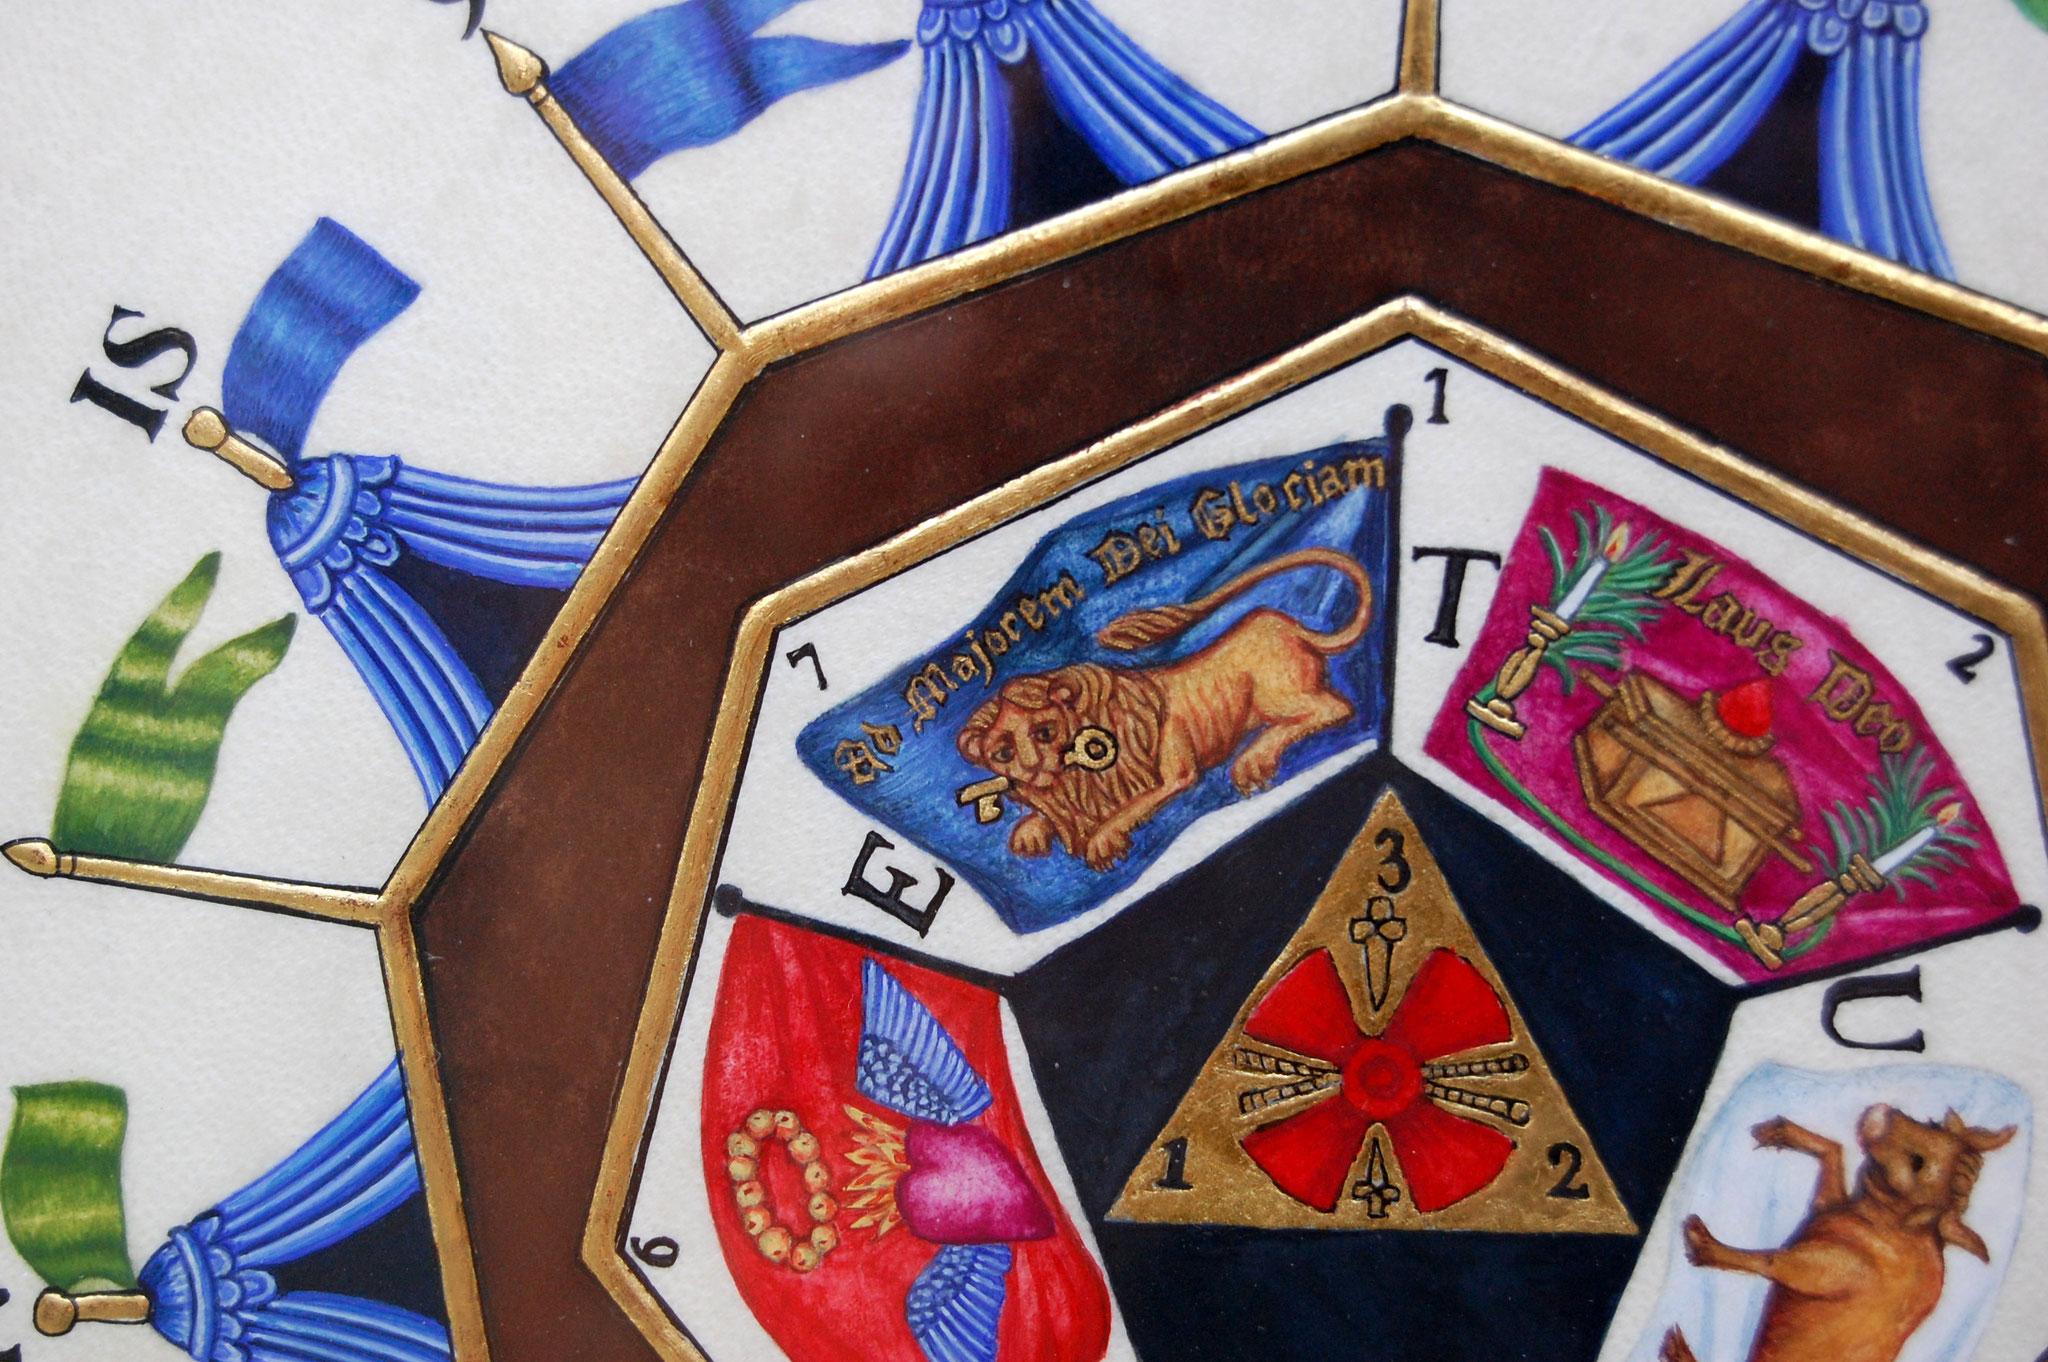 Le sceau du Sublime Prince du Royal Secret réalisé en enluminure par Sandra Clerbois - détail du lion et du cœur ensanglanté